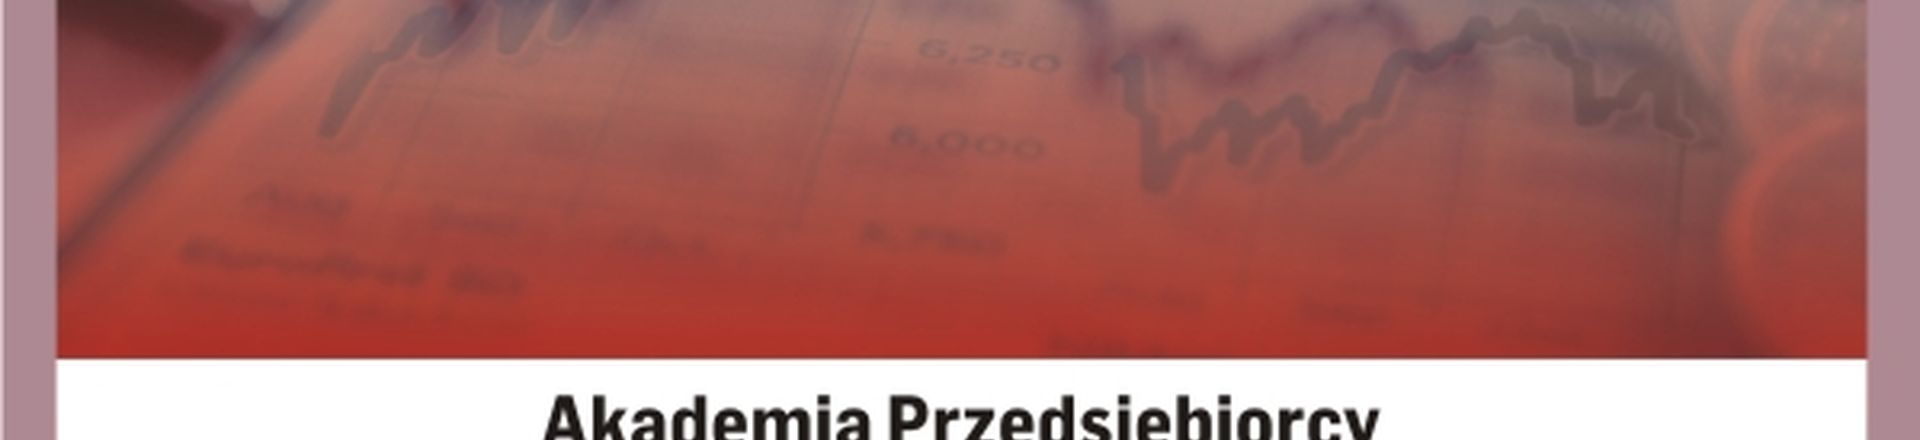 Cykl Akademia Przedsięborcy: Kapitał i bezpieczeństwo Twojej firmy - Opole